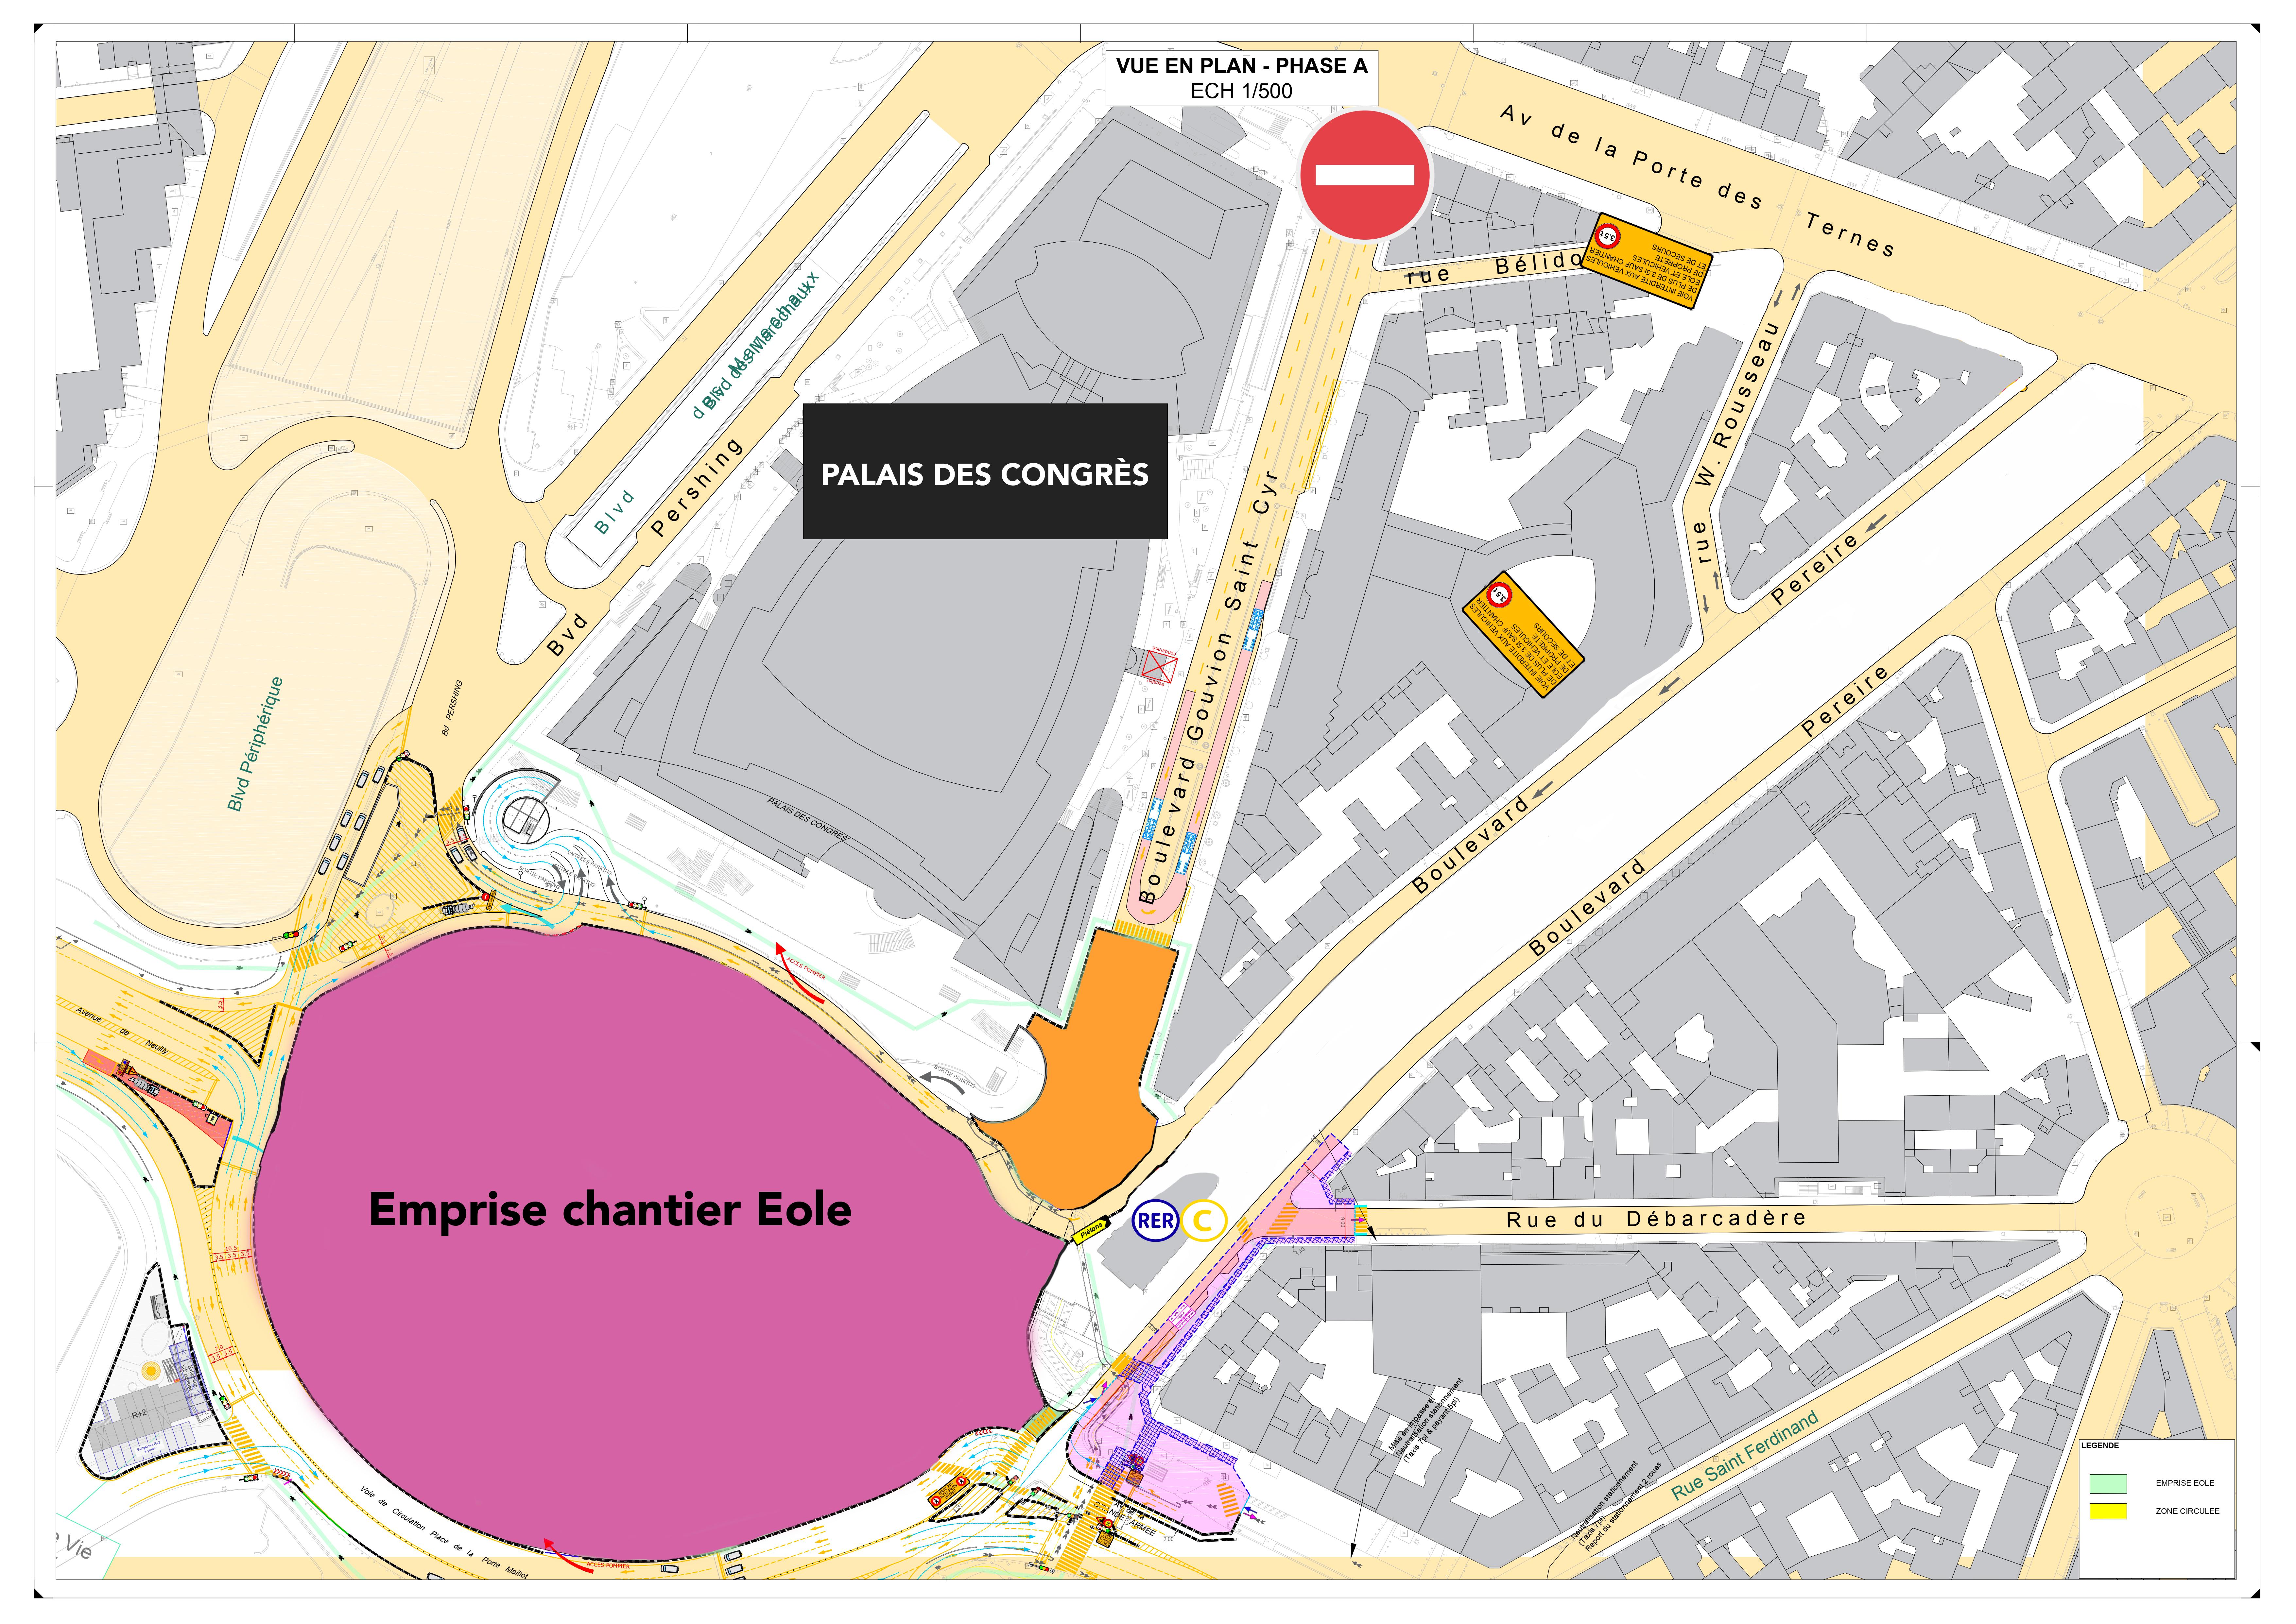 schéma qui explique la fermeture de la rue et les circulations modifiées